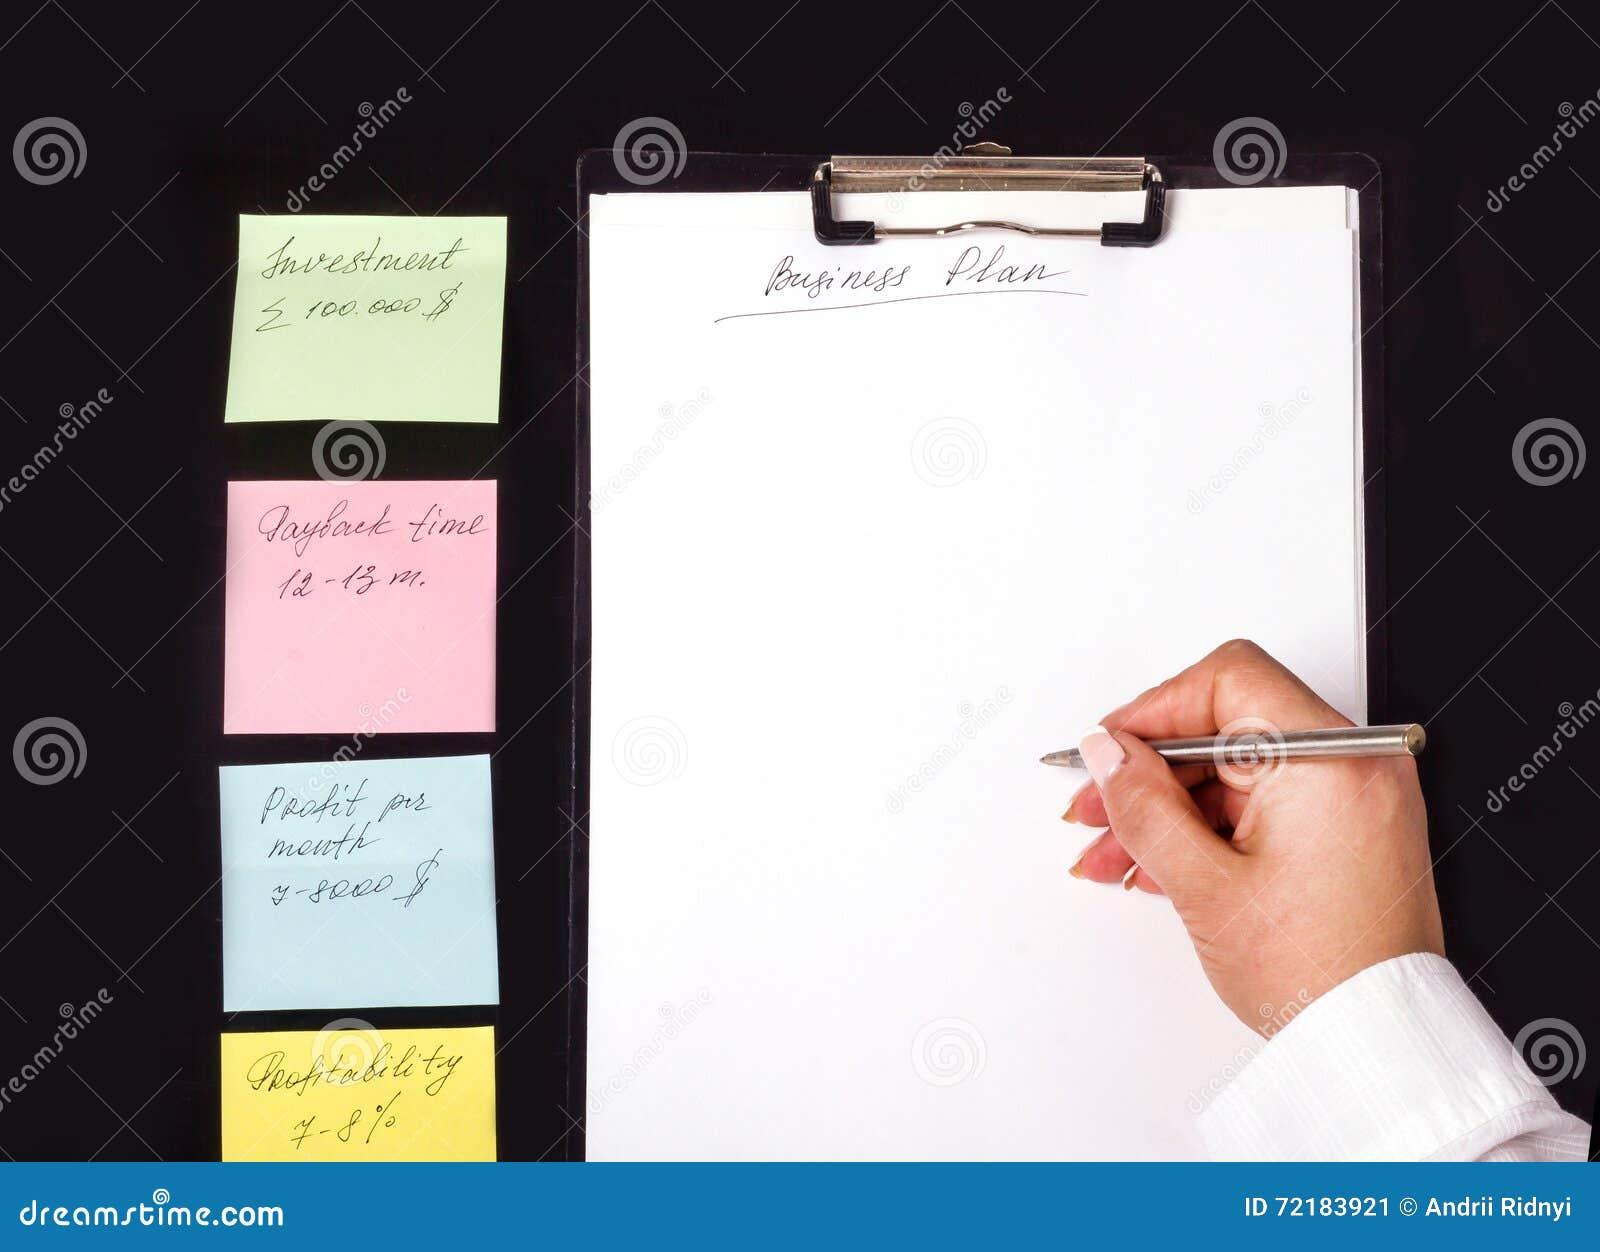 Elaborazione del piano aziendale